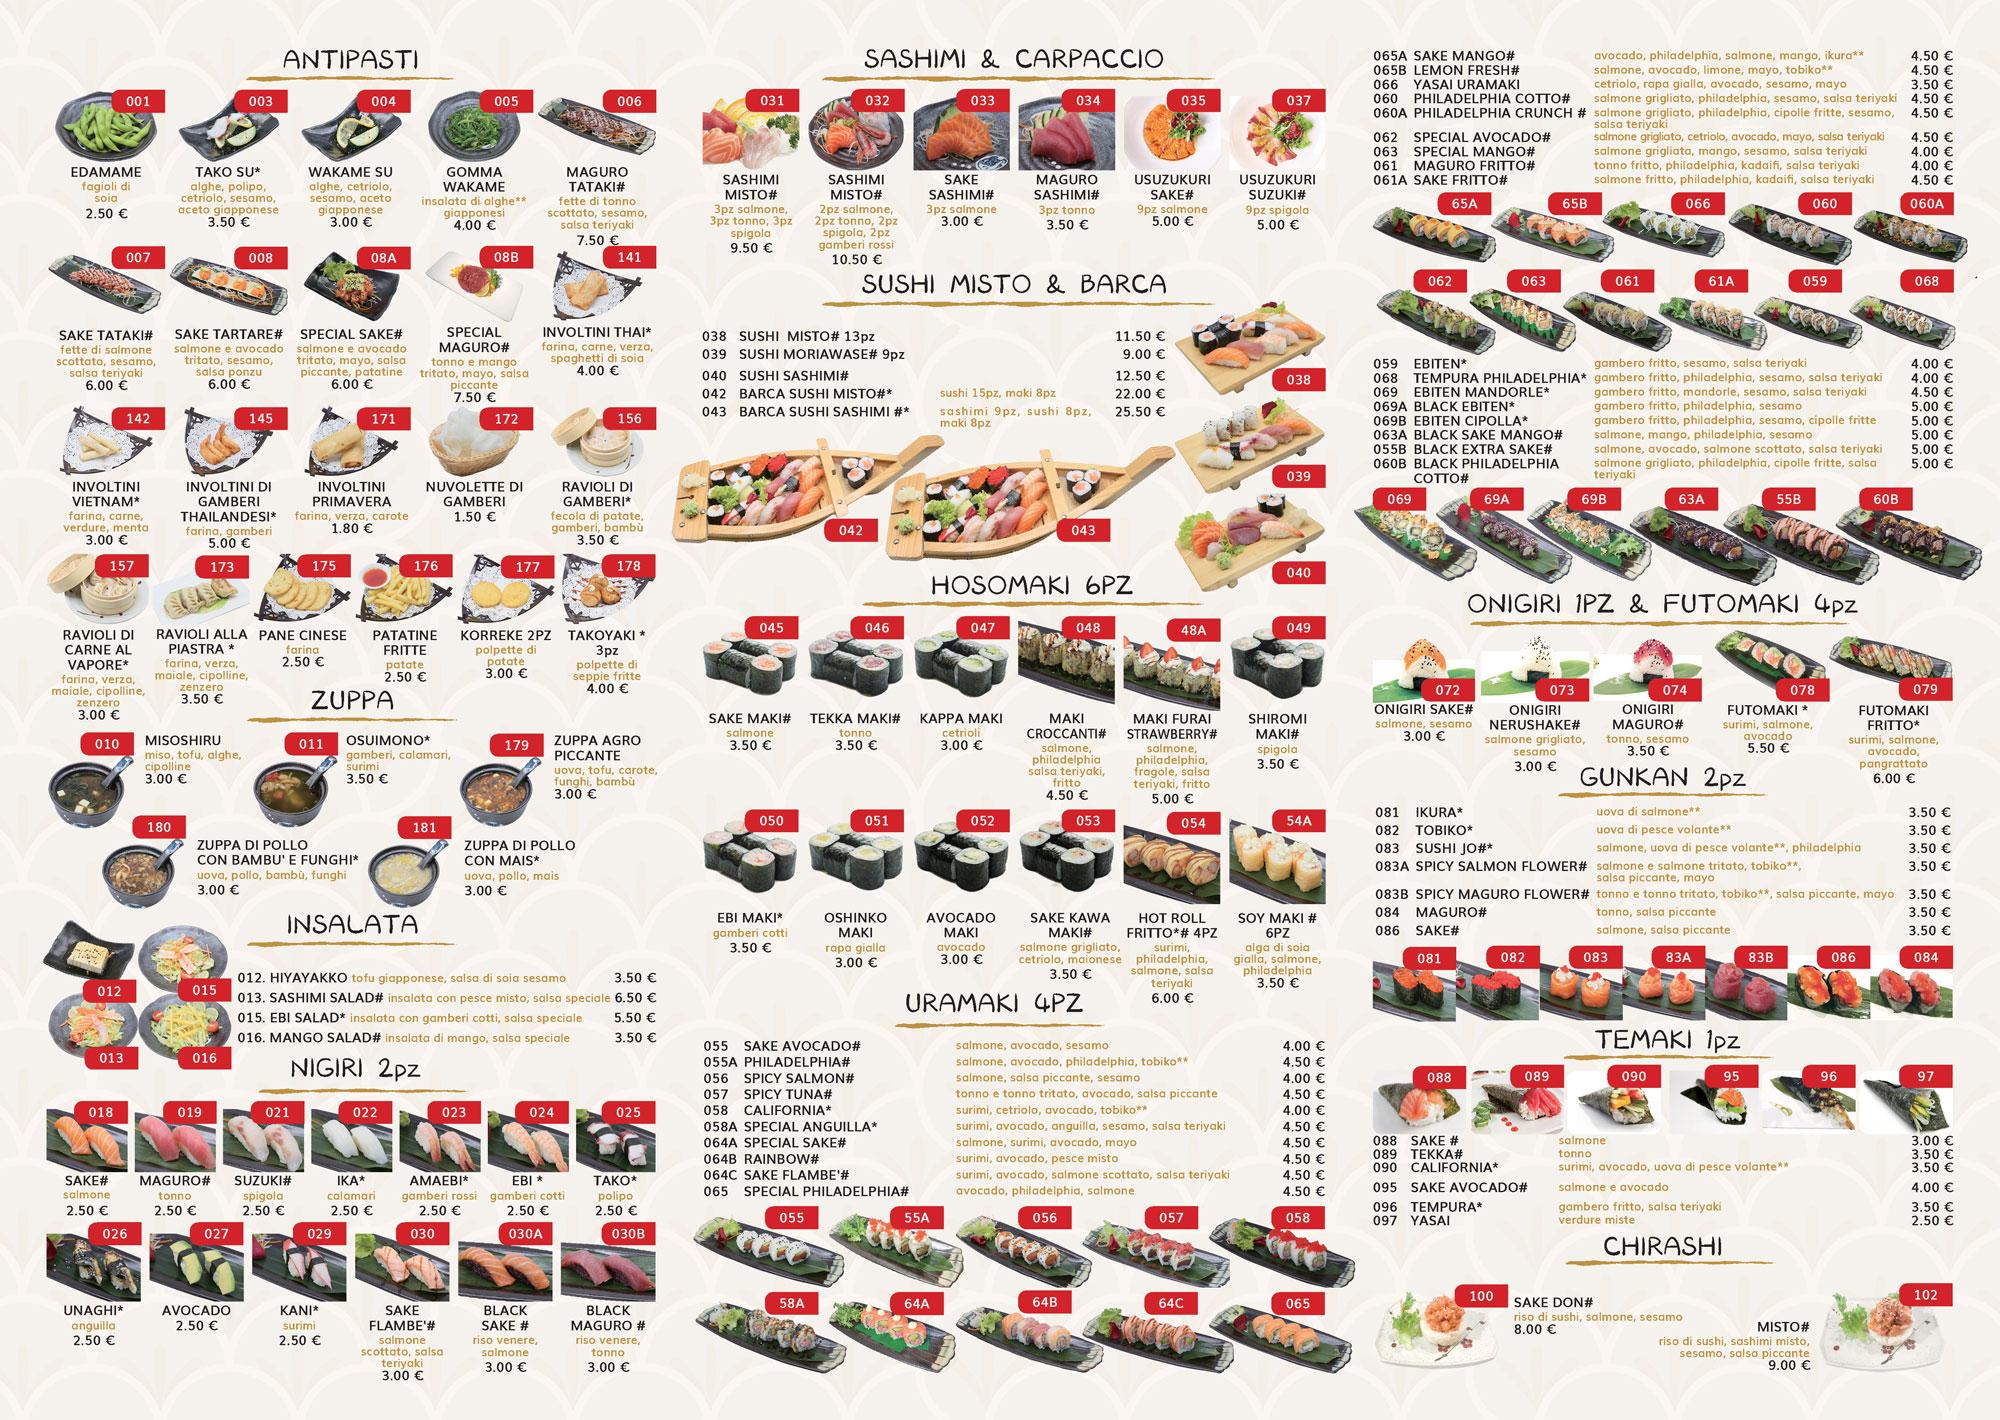 a3-asashi4-menu-take-away-nuovo